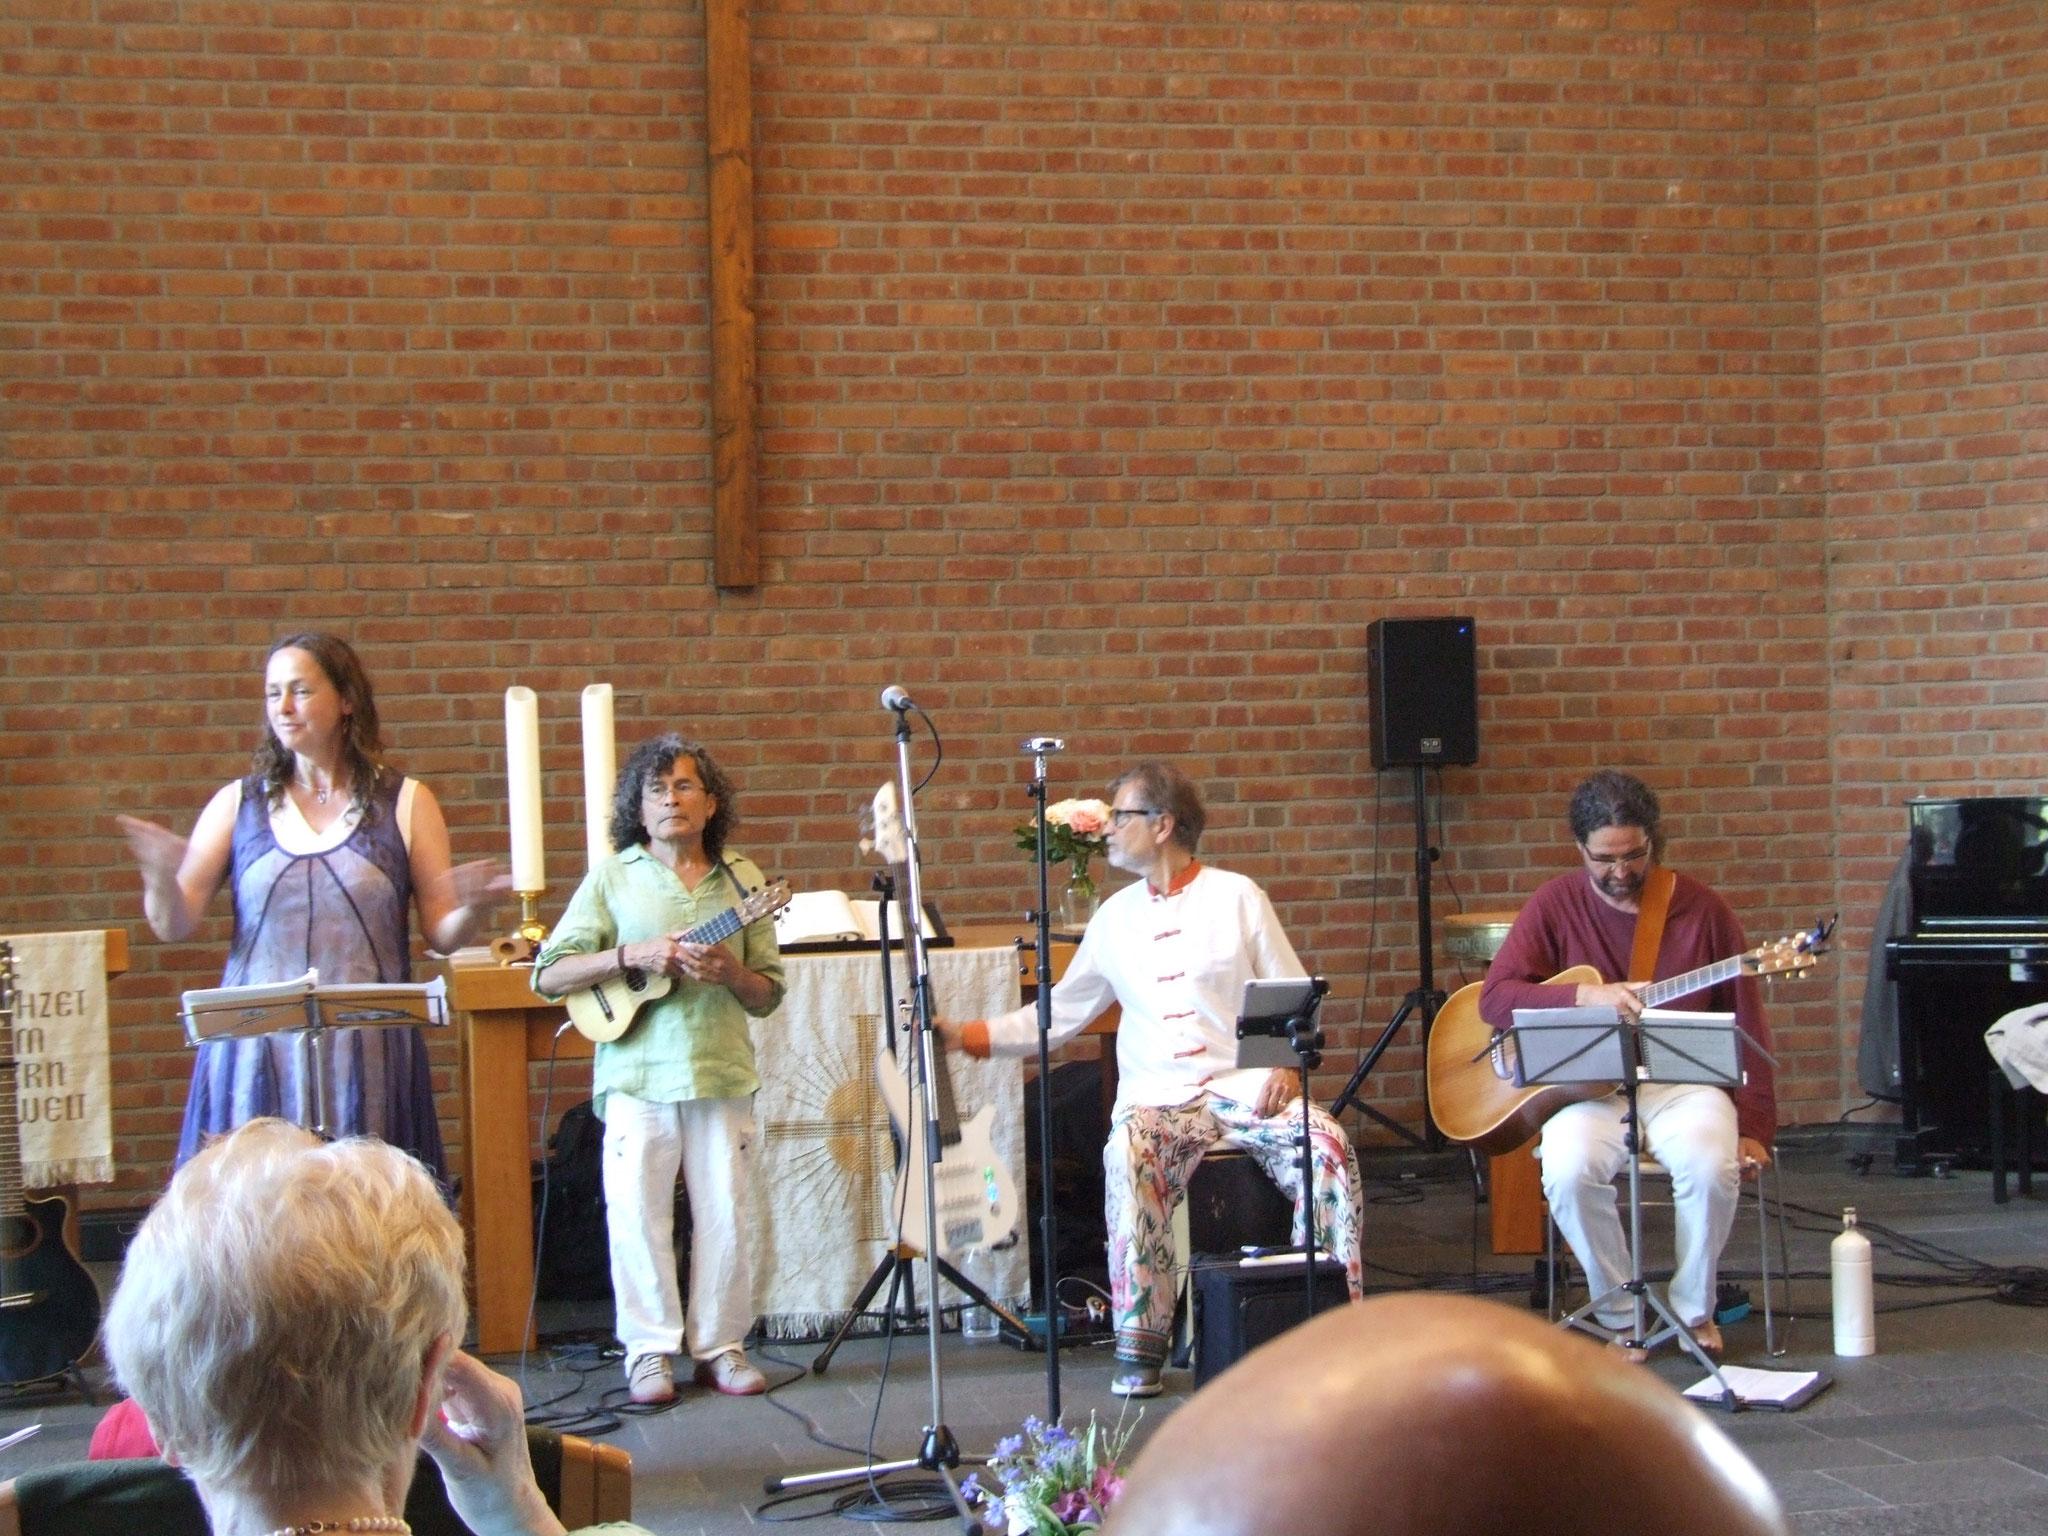 die Instrumentalisten der Street Band: Juan Mesa, Urs Fuchs und Mikesn Lücker